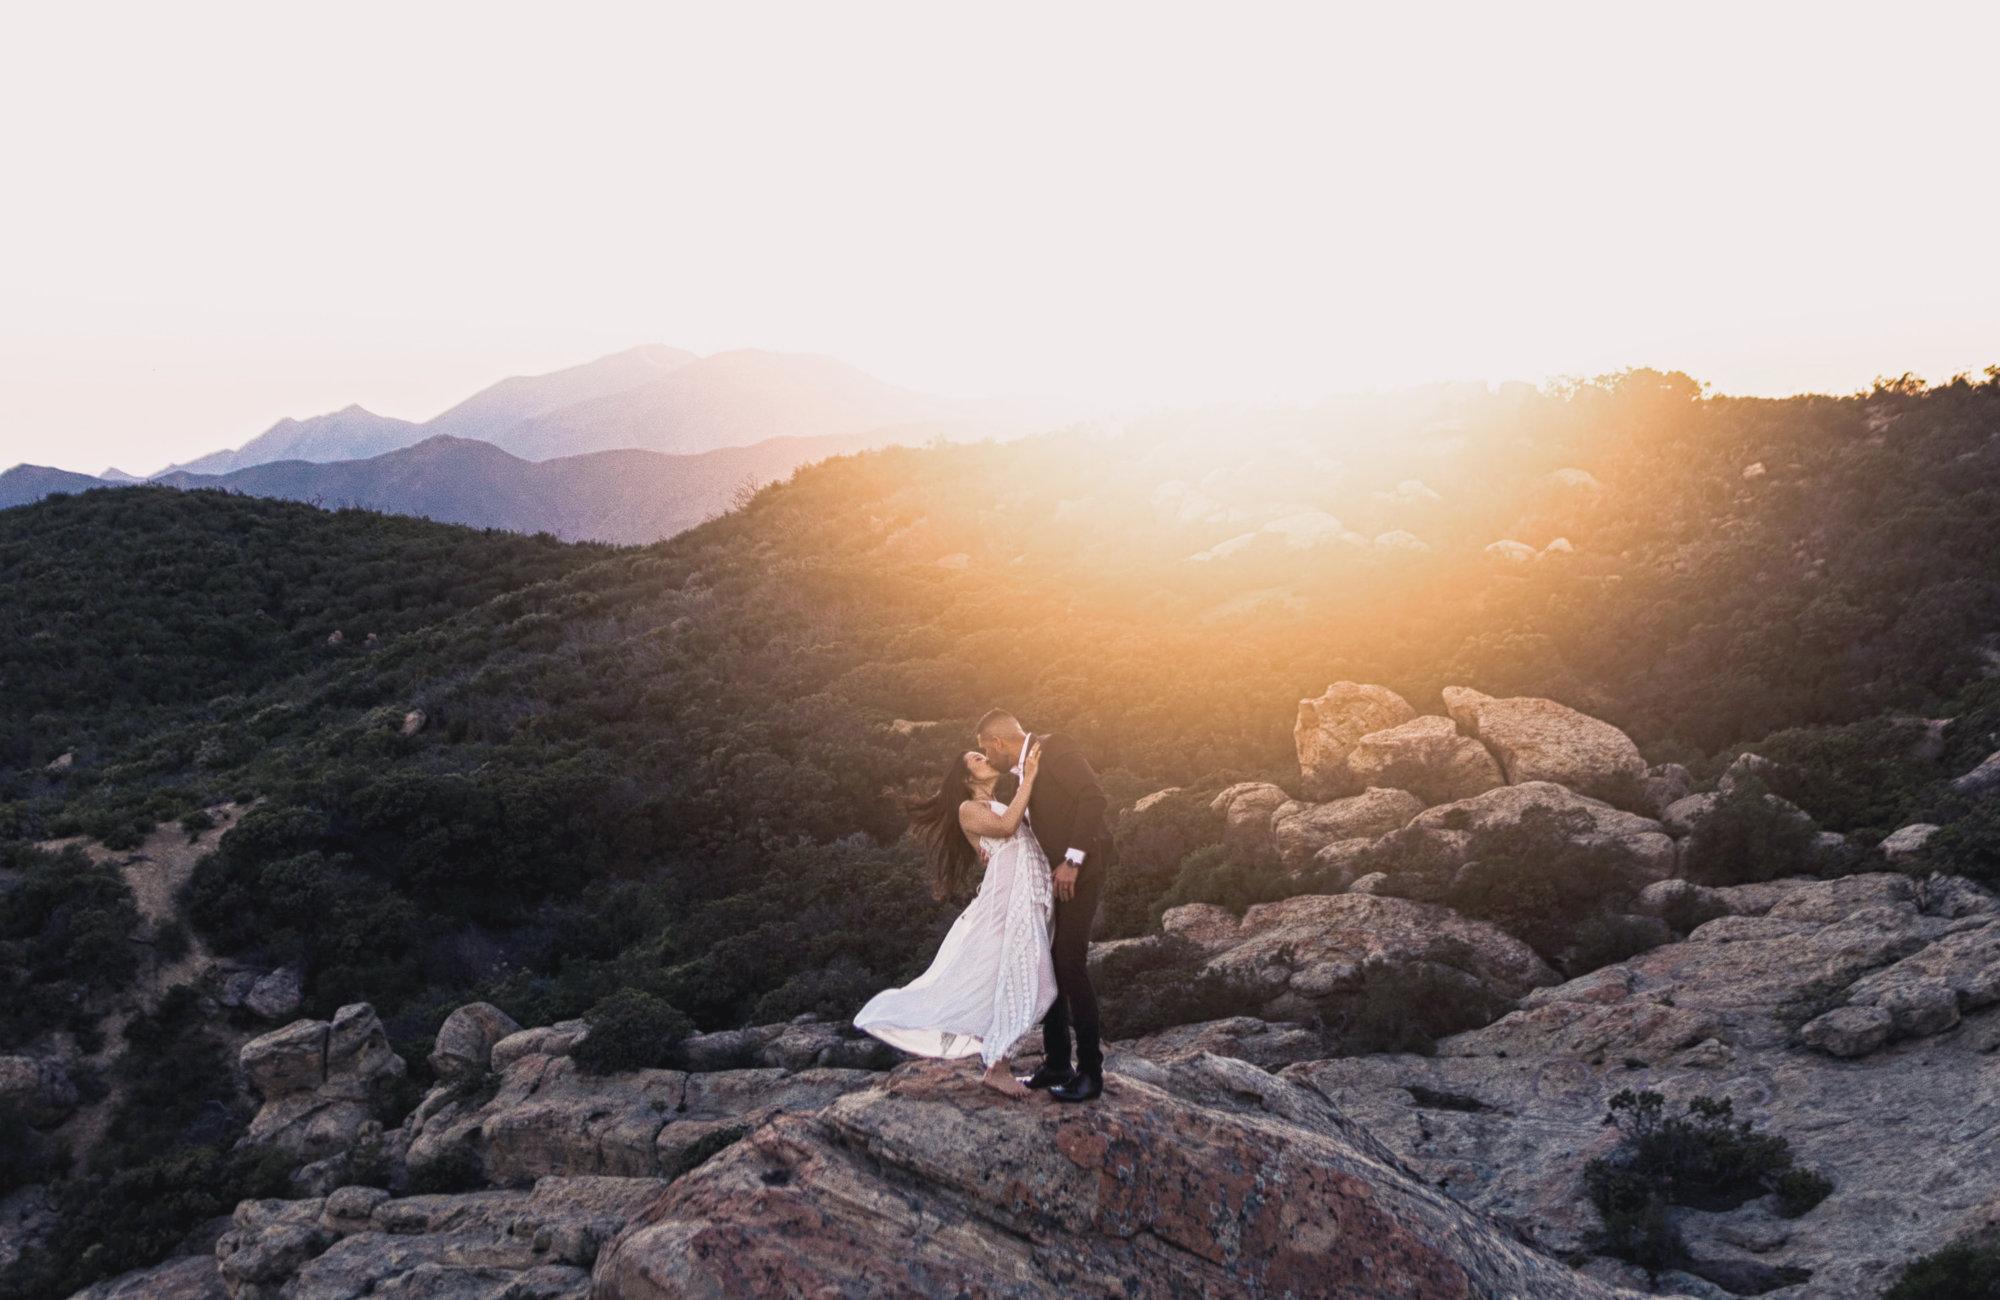 Brautpaar in den Bergen beim Sonnenuntergang, Heiraten in den Bergen, Standesamtlich Heiraten in den Bergen, Almhochzeit, Hochzeit in den Bergen